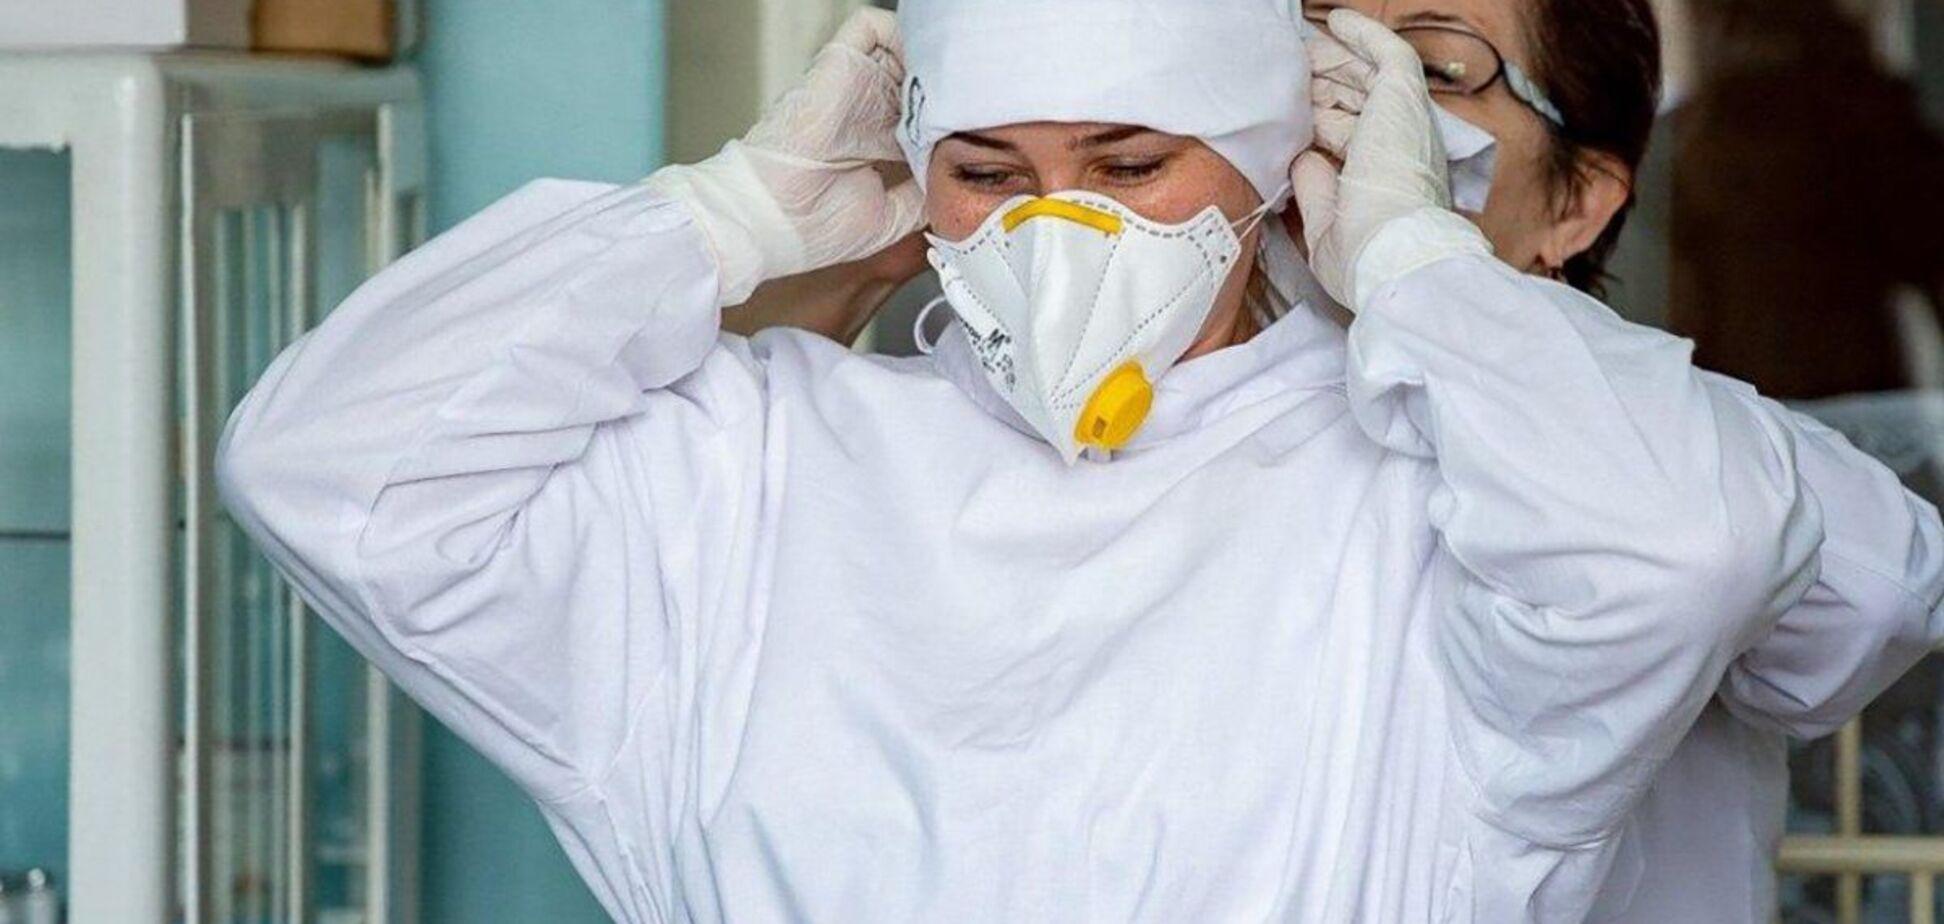 Медики в Киеве будут получать по 5 тысяч гривен надбавки